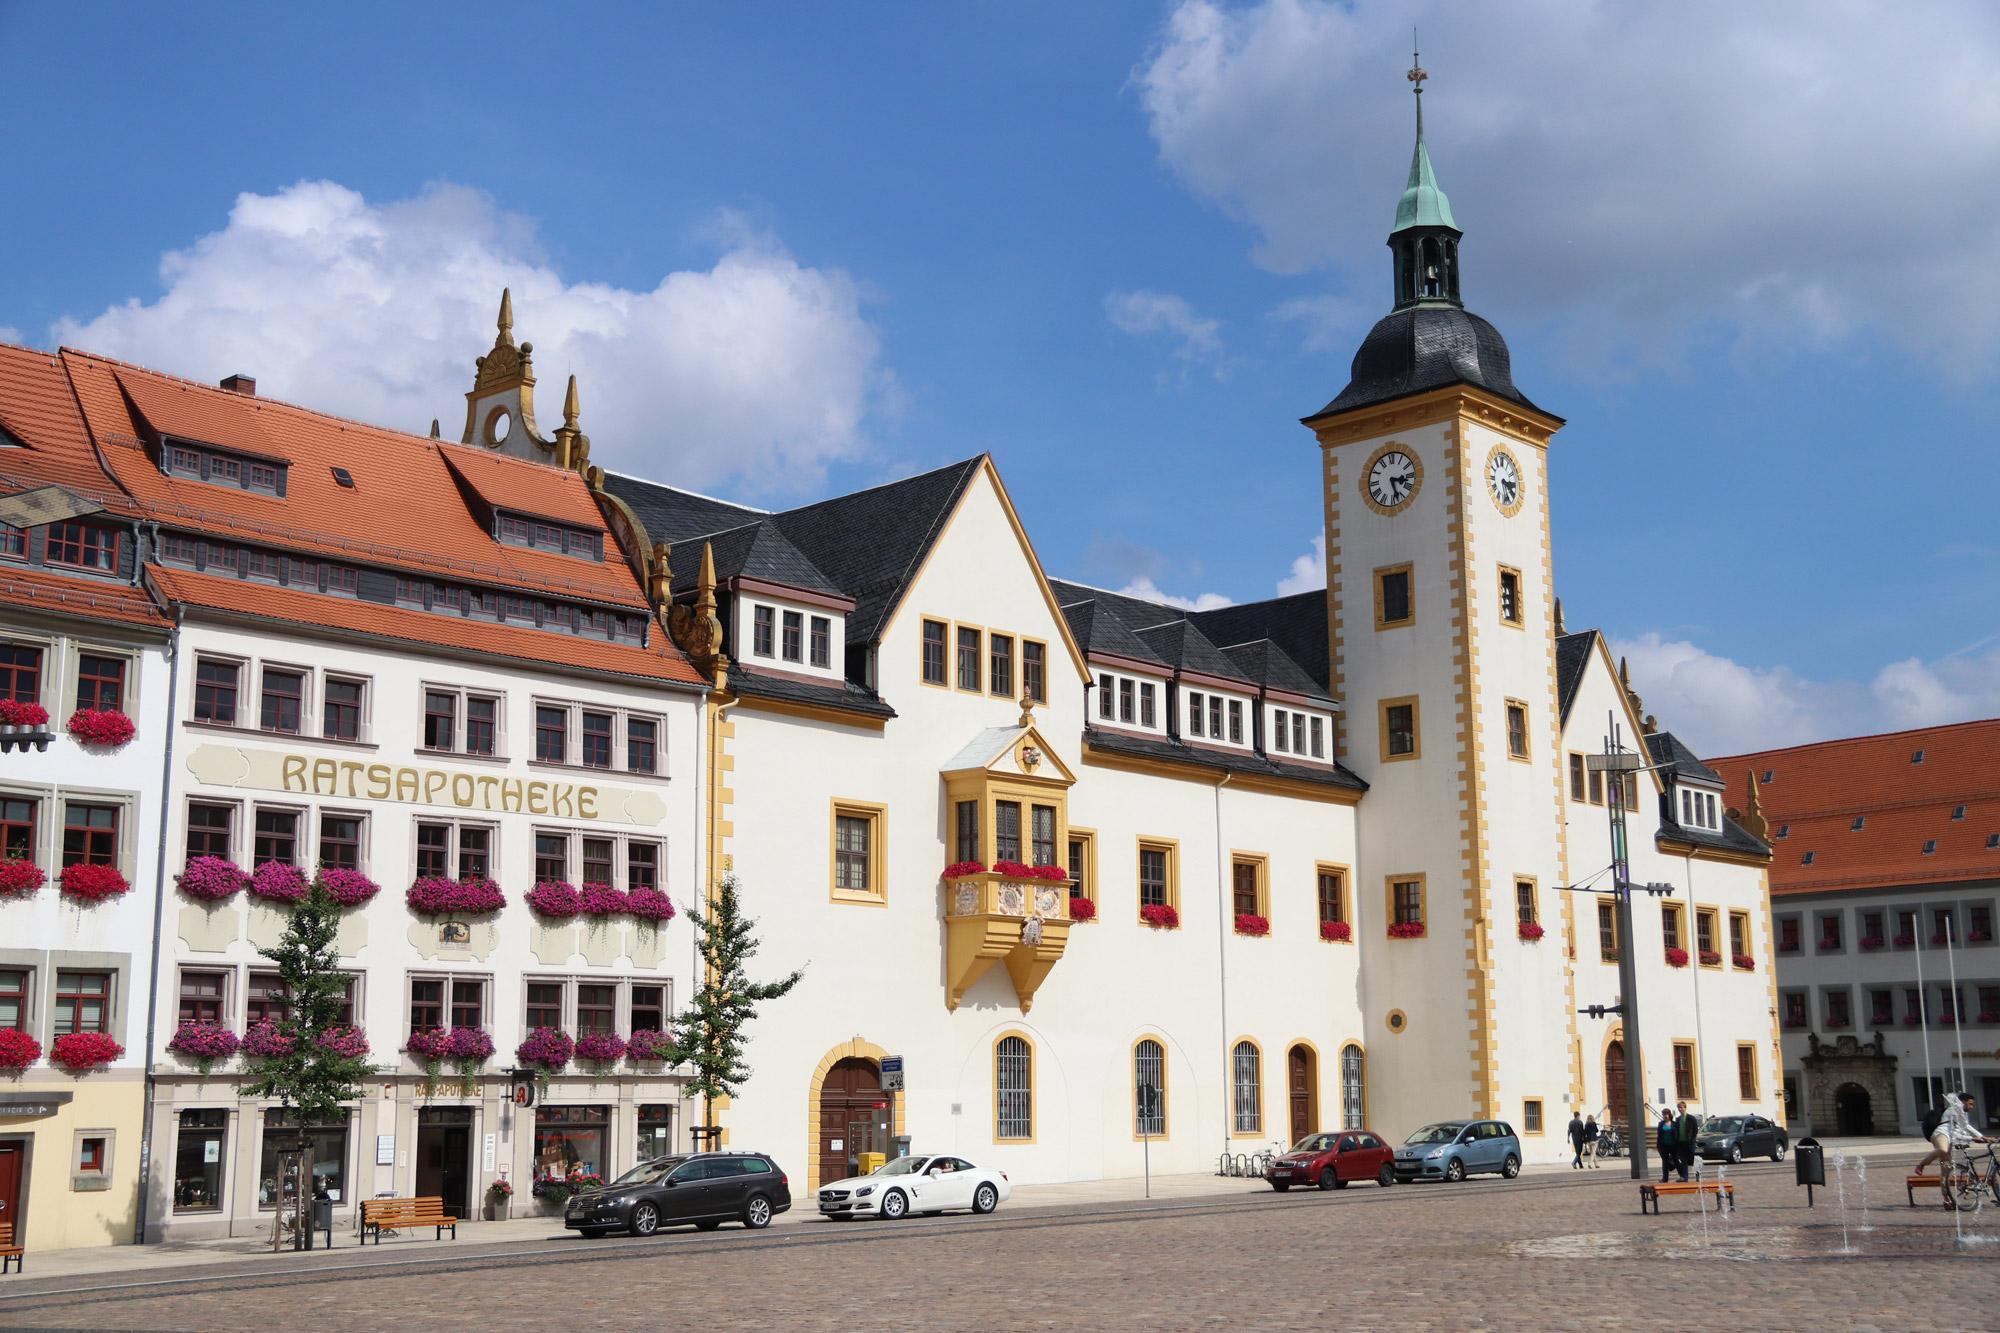 Freiberg ontdekken met oma - De Obermarkt met alle mooie gebouwen